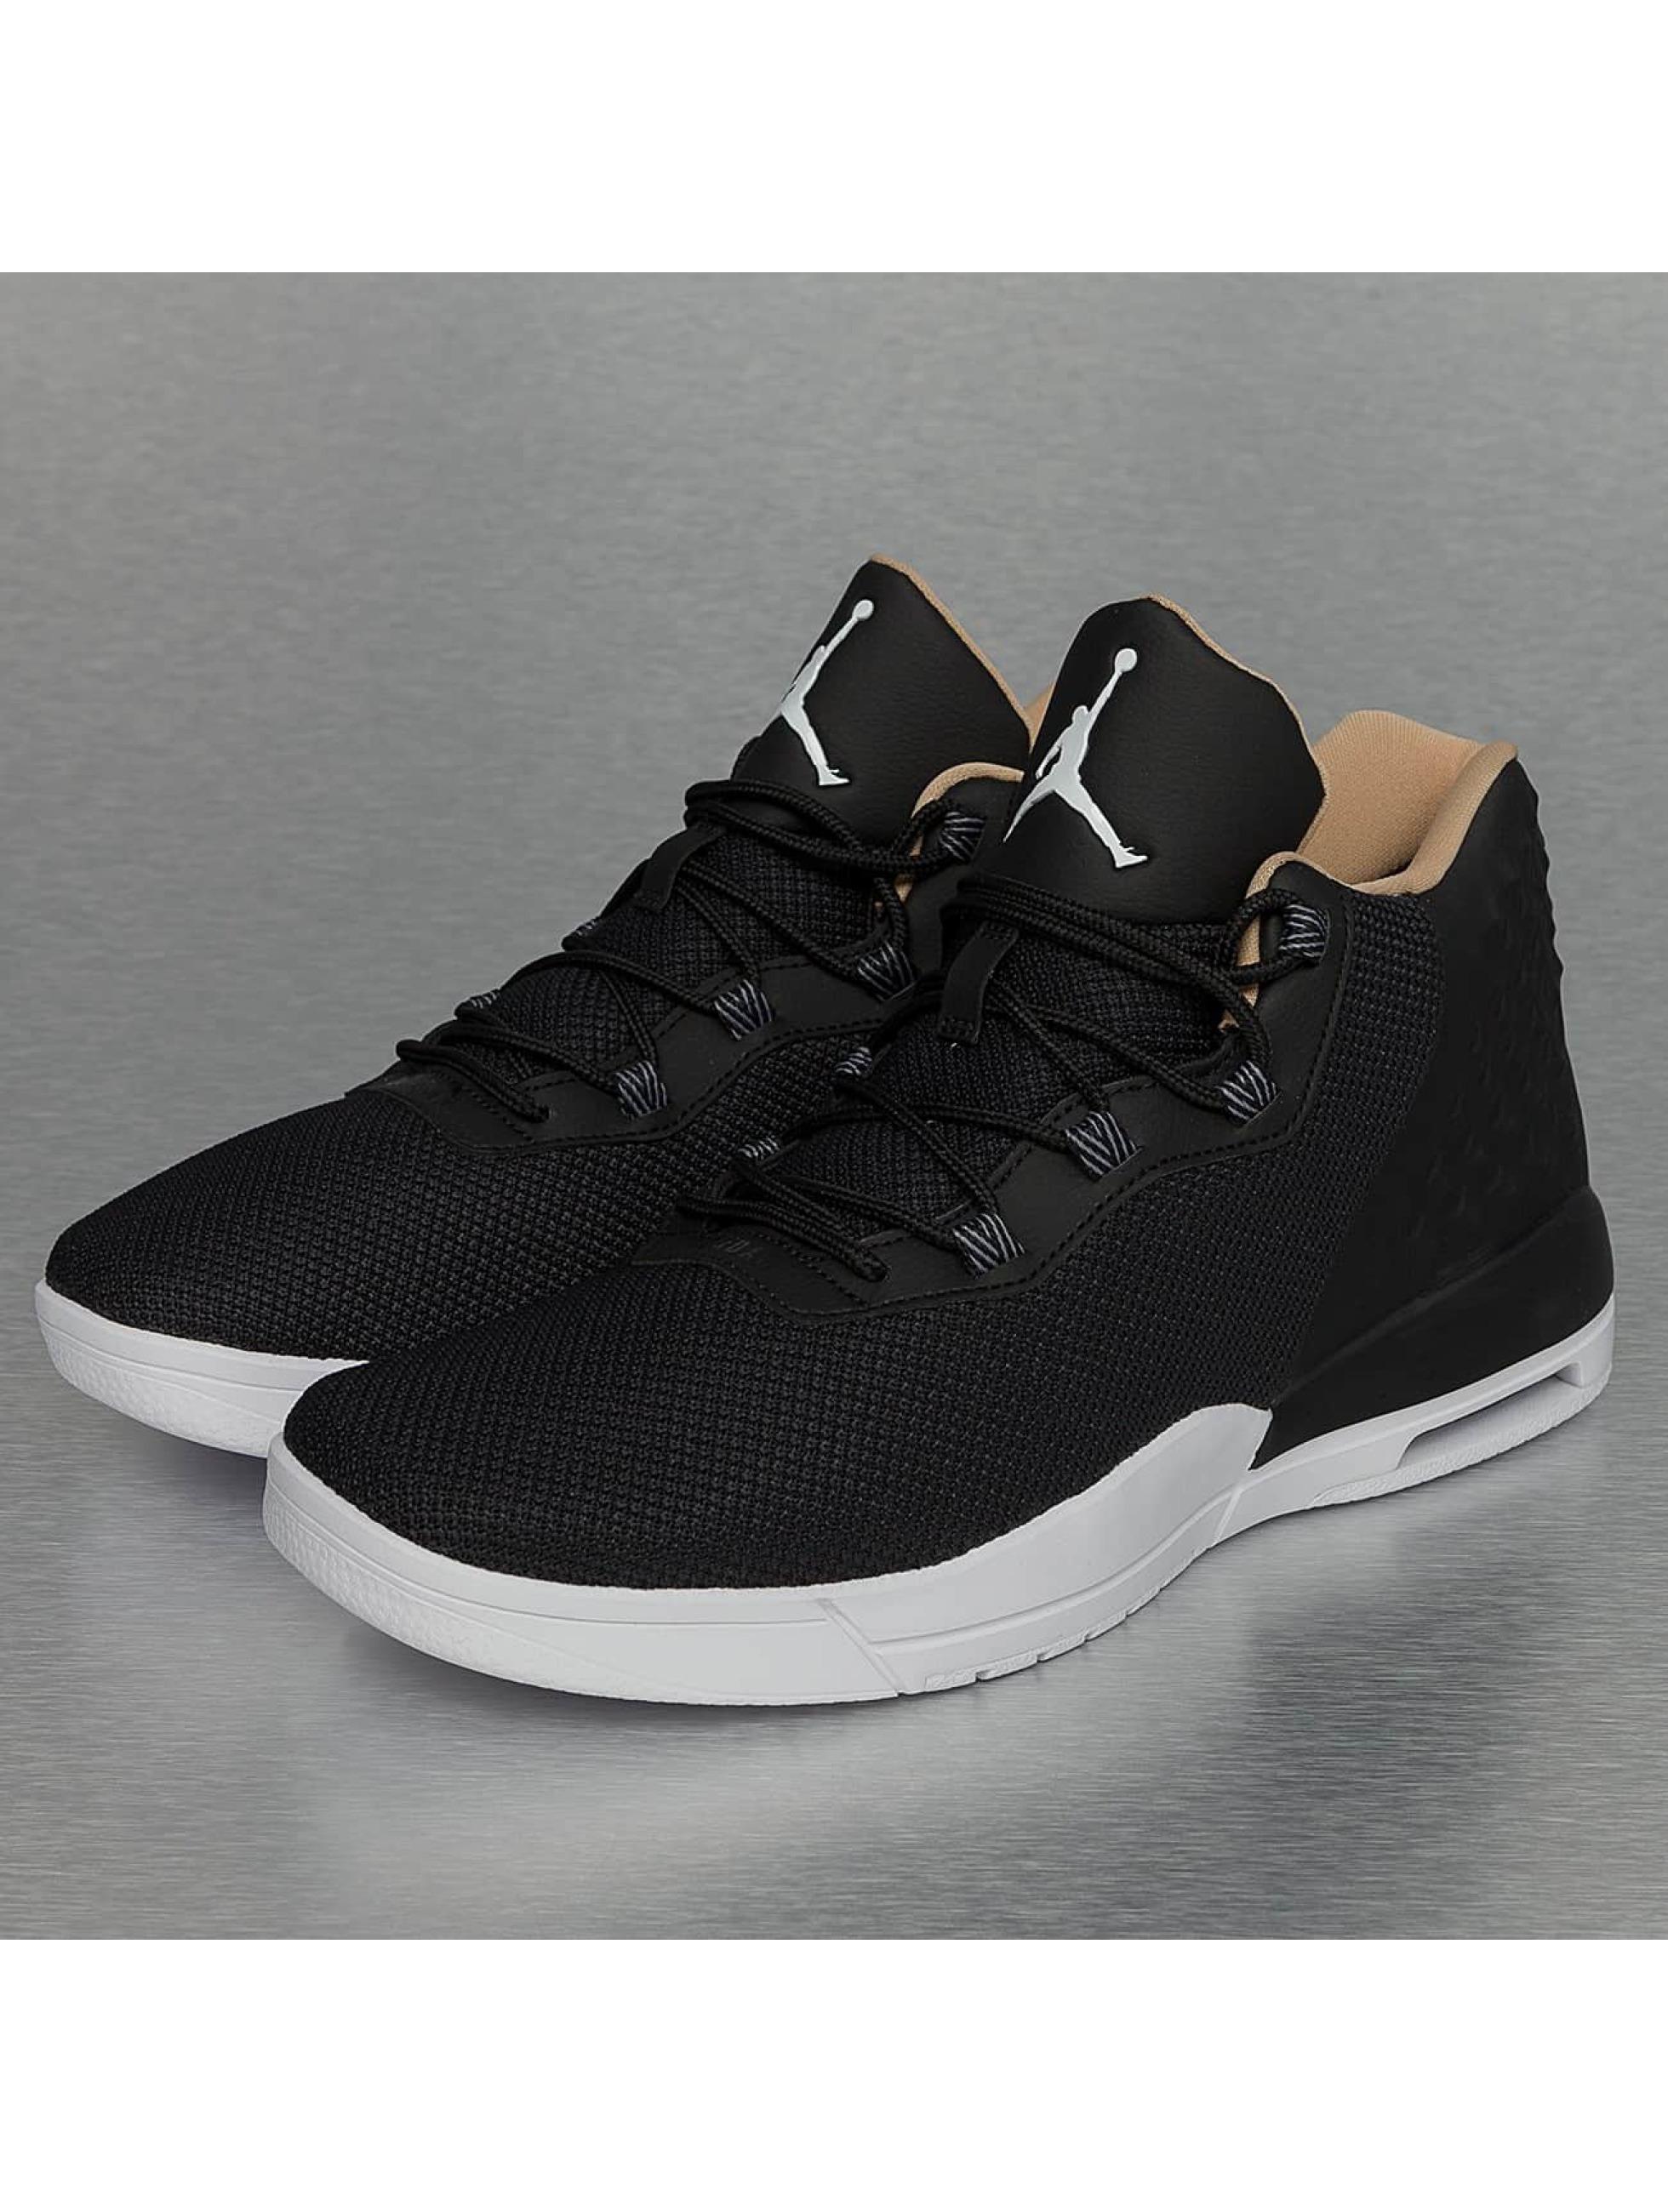 Jordan Chaussures / Baskets Academy en noir